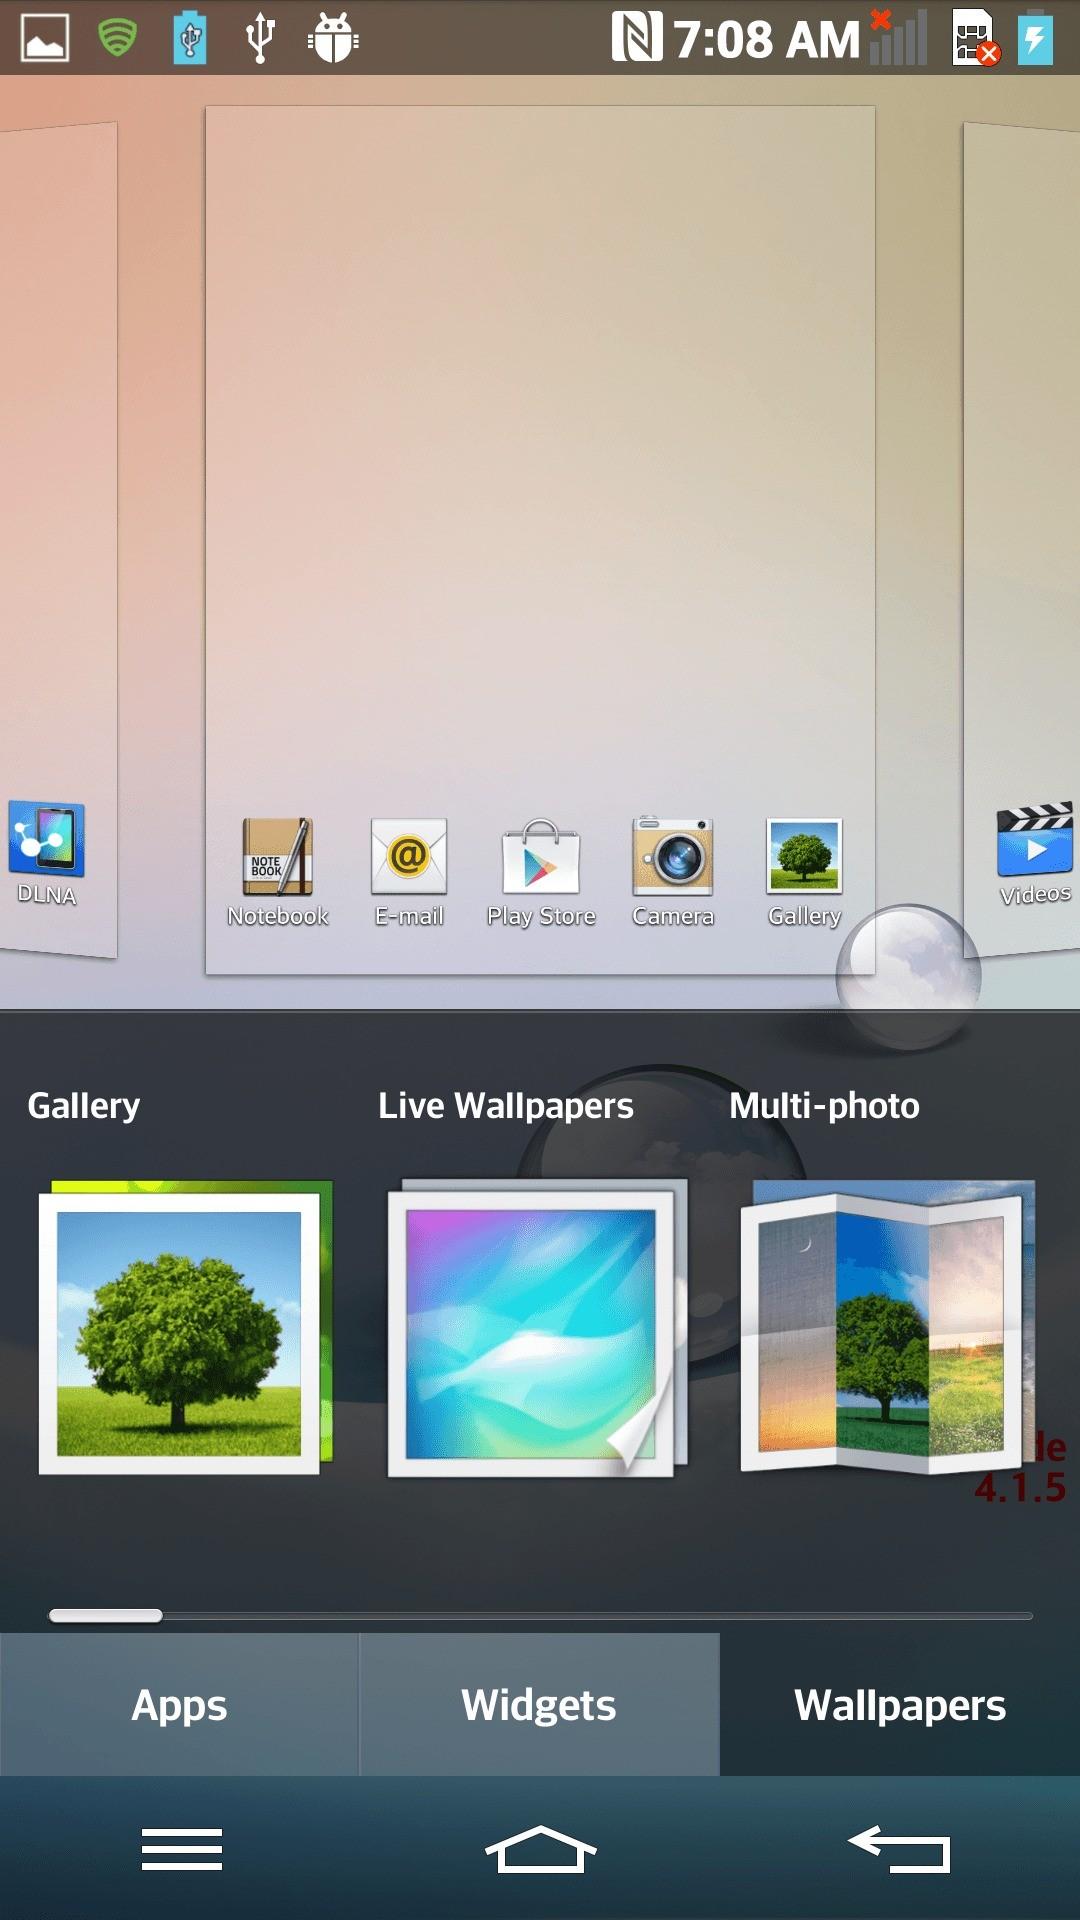 Il 7 Agosto arrivano l'Optimus G2, l'Optimus L9 II e l'LG D500